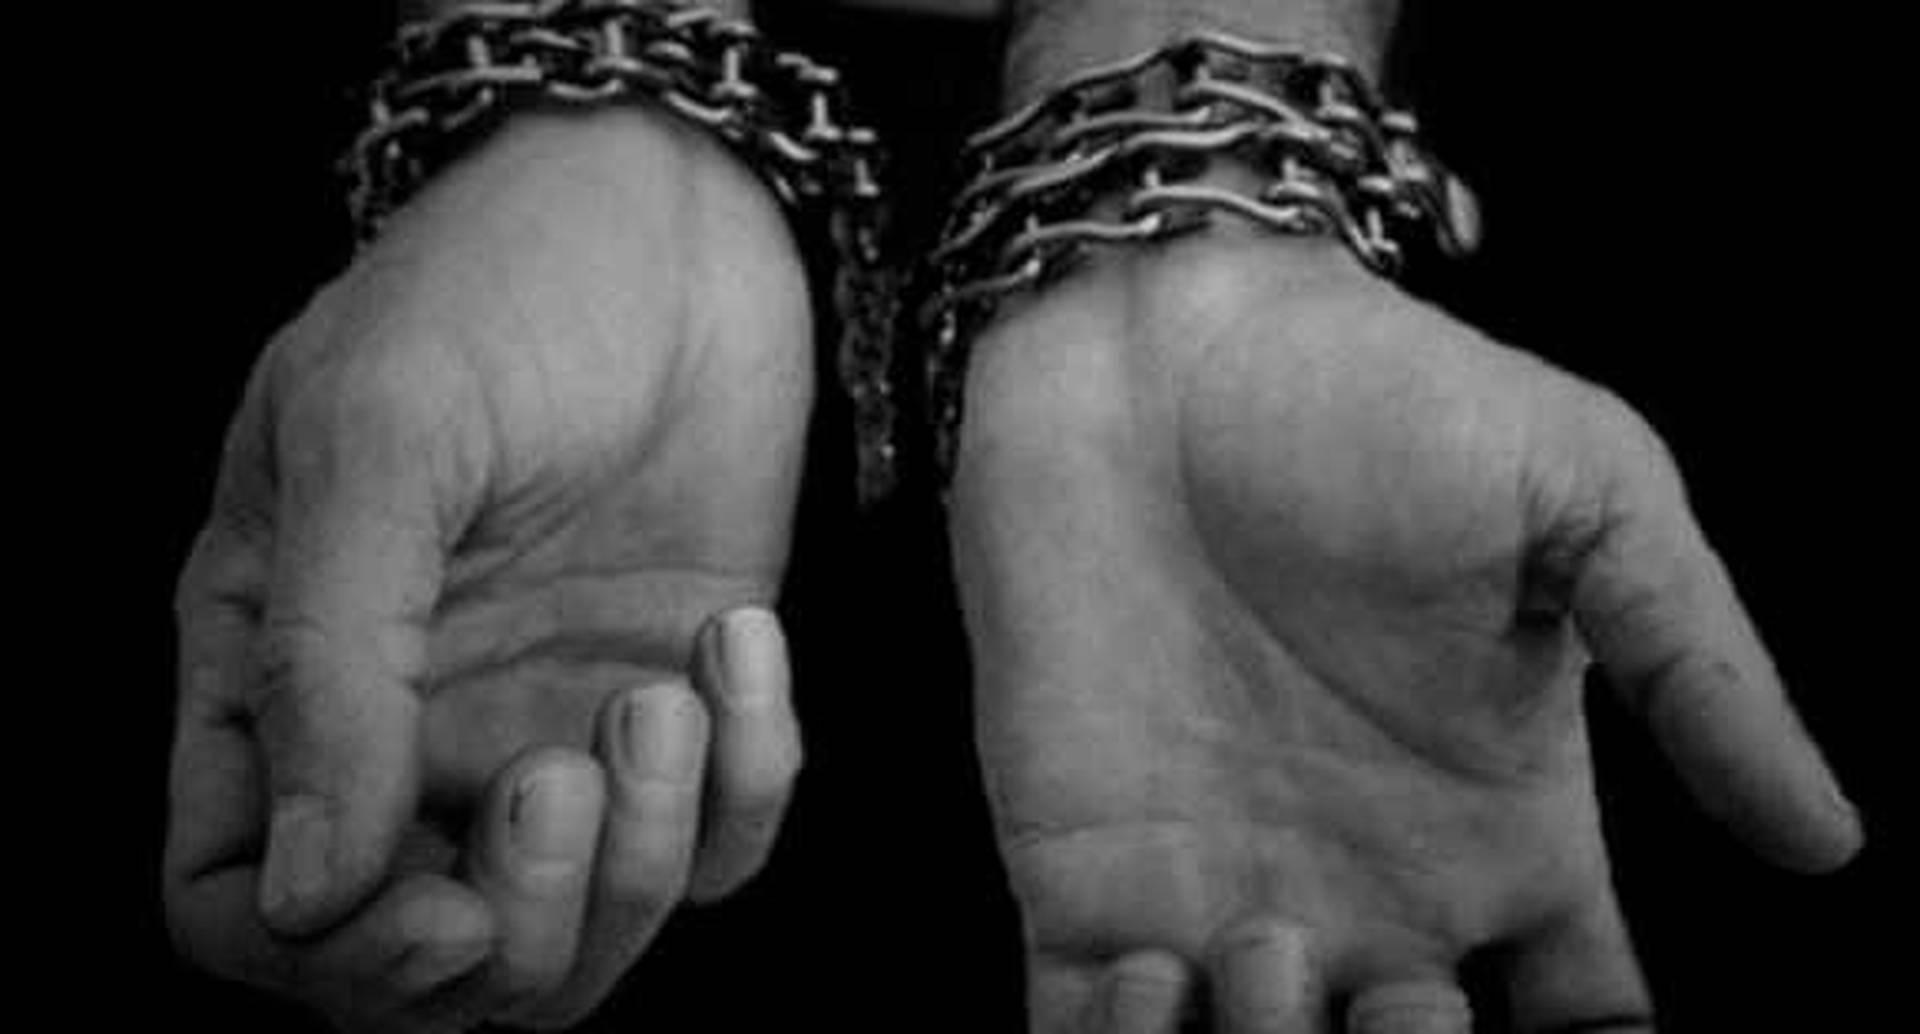 Secuestro en Cali: investigan el rapto de una mujer